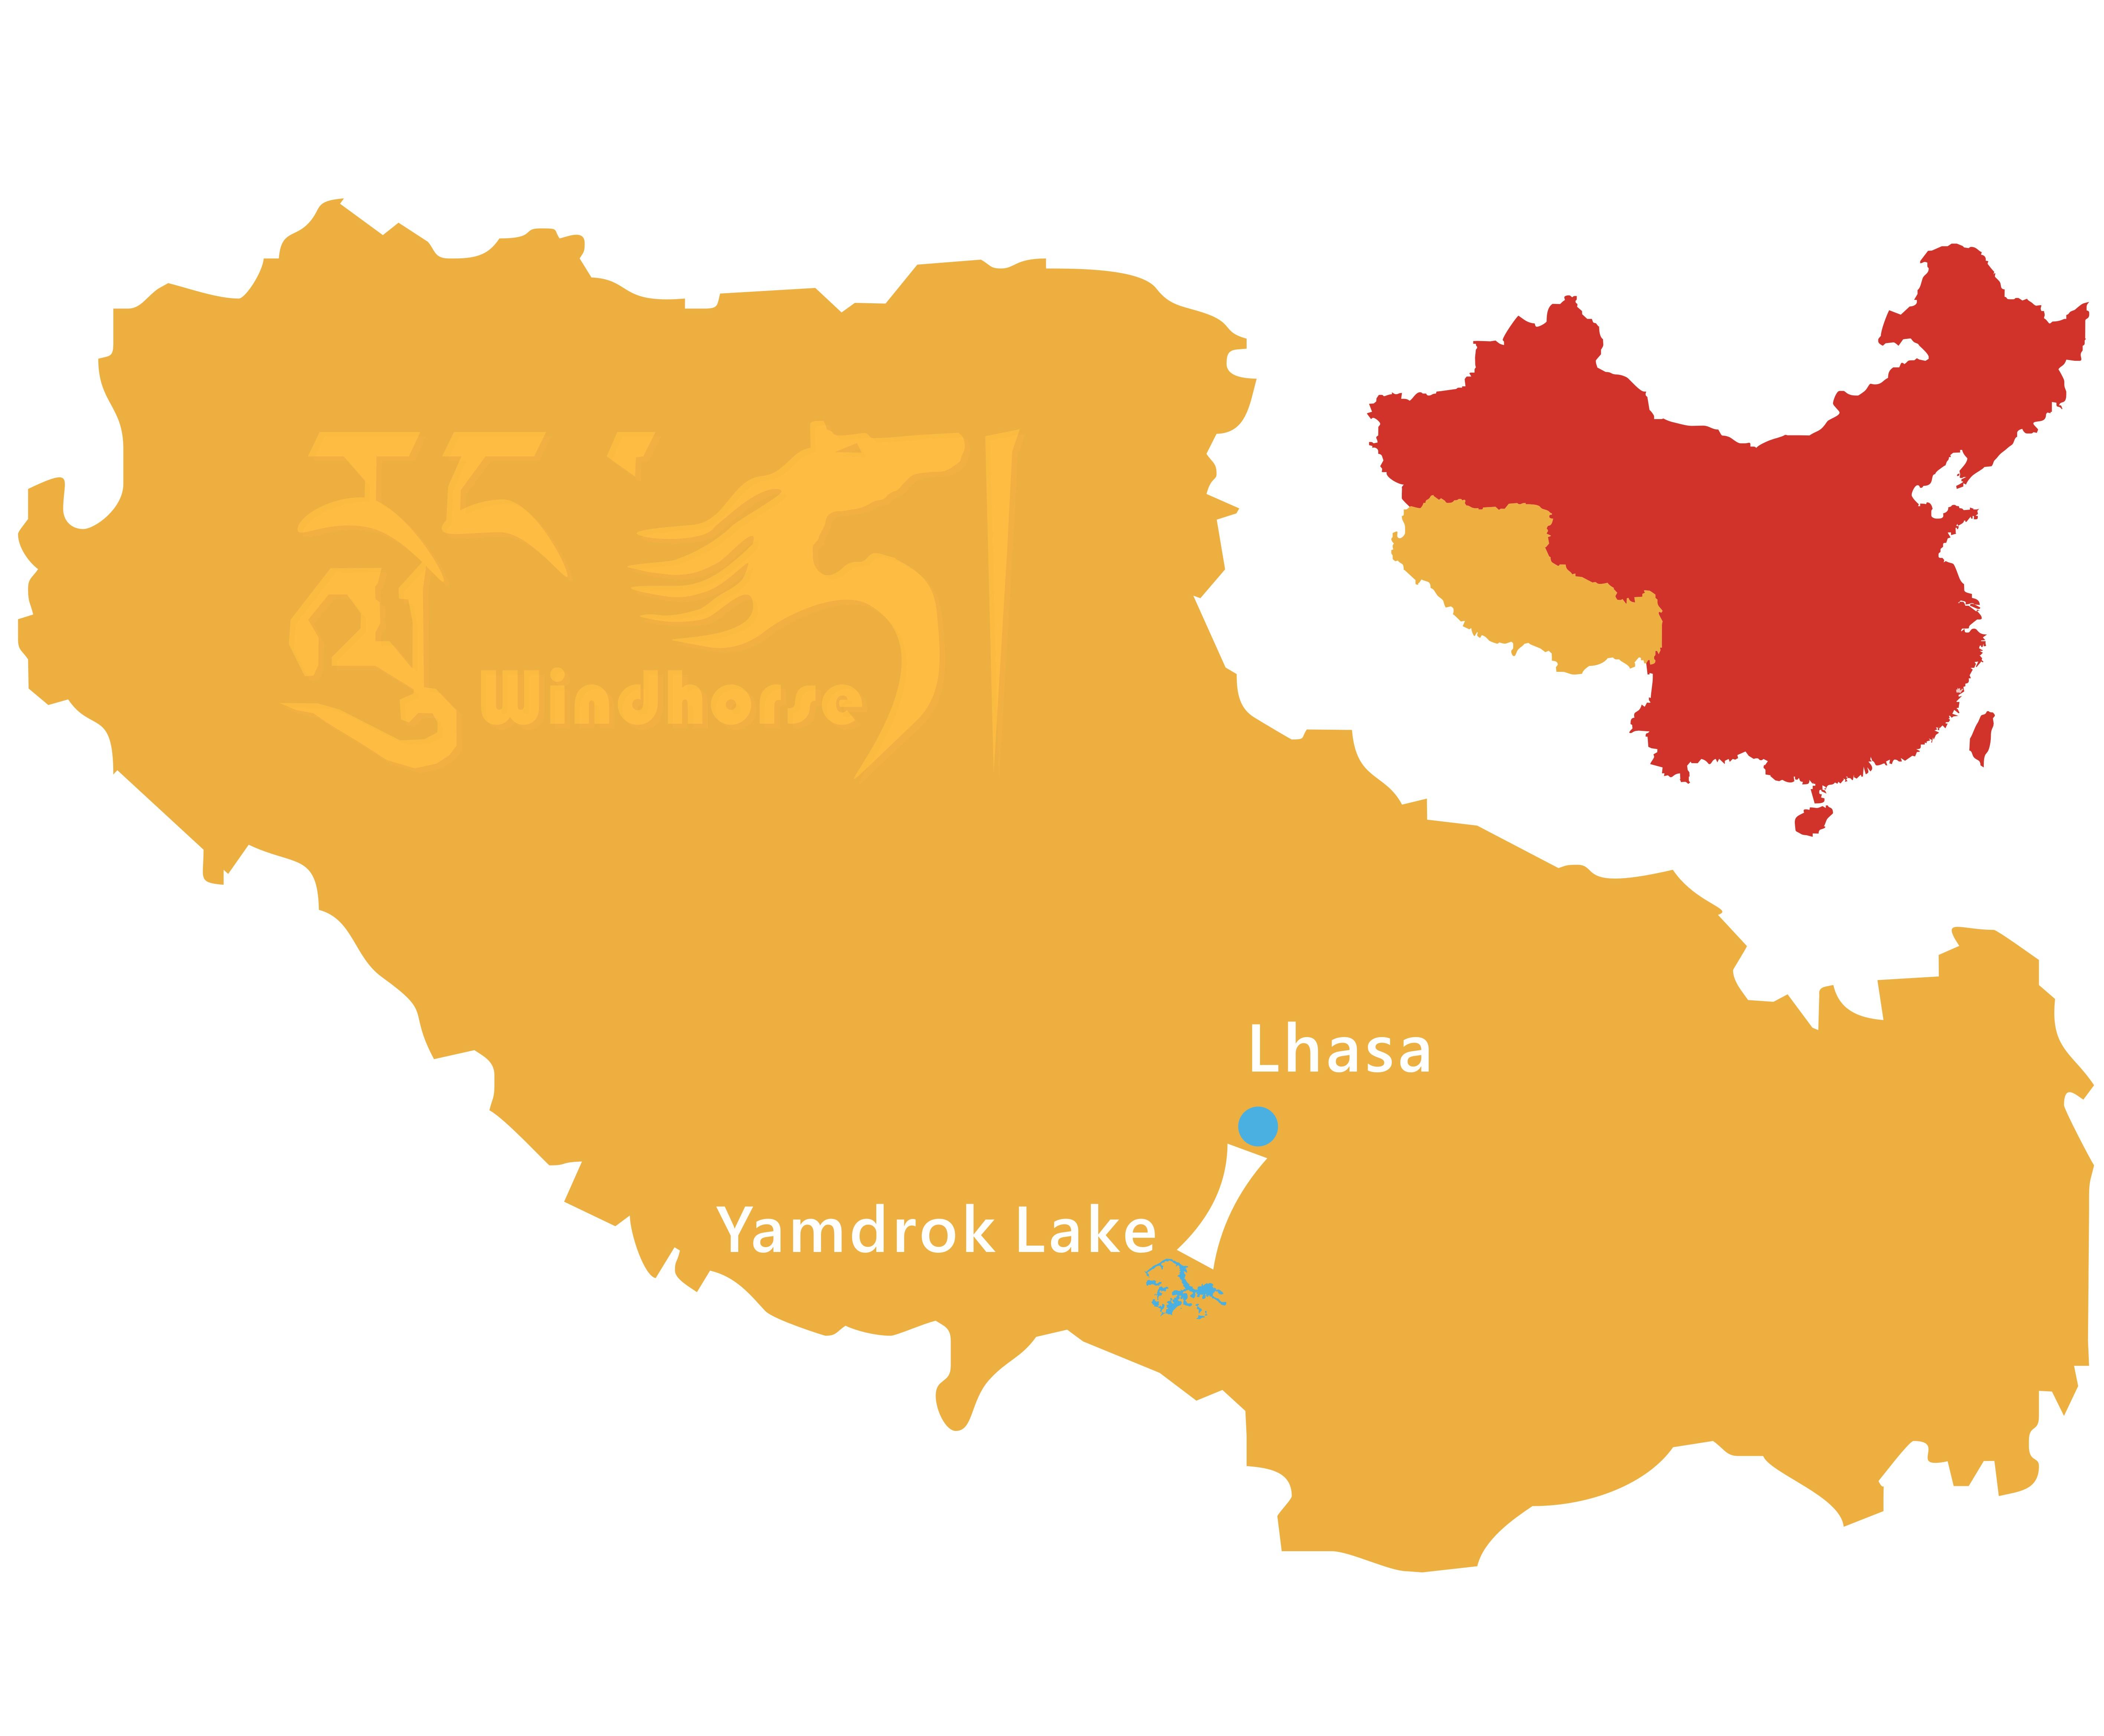 Lhasa to Yamdrok Tso Lake Tour Route